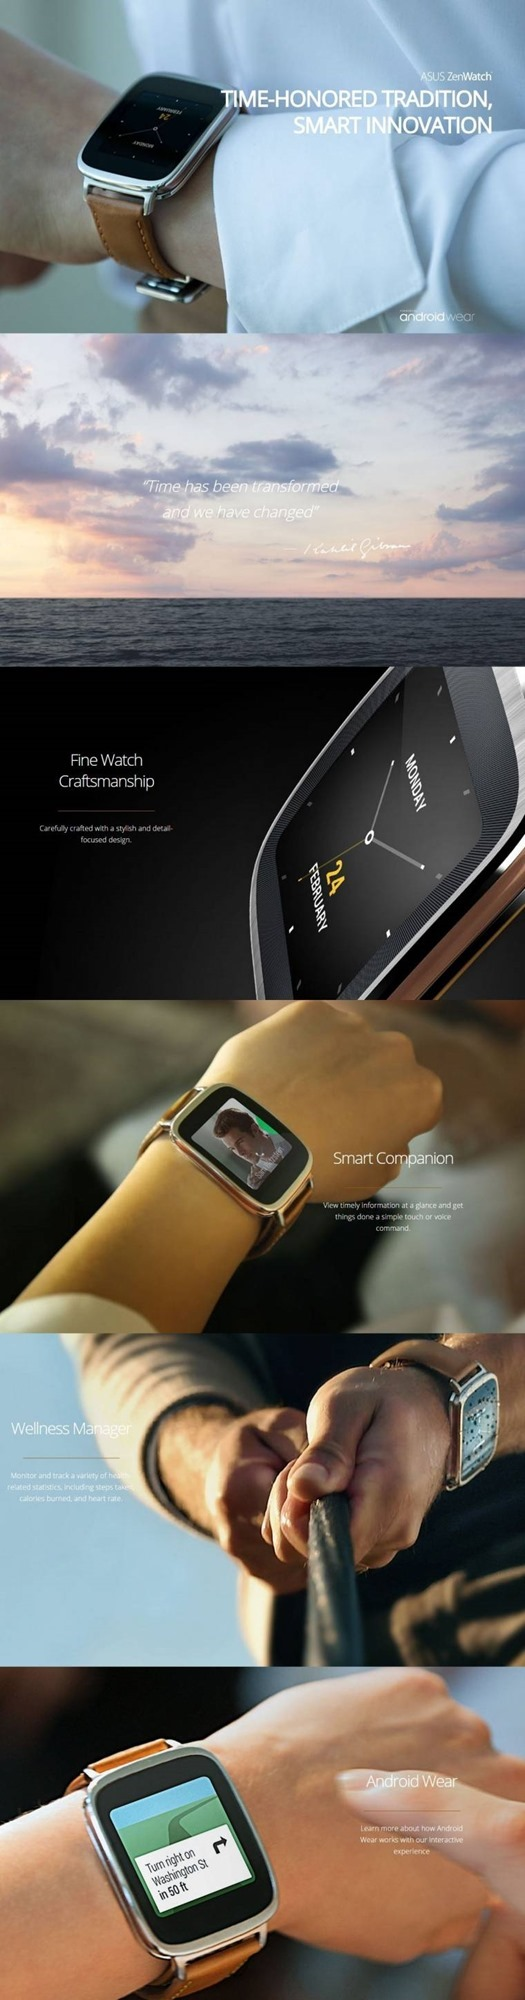 華碩首款智慧型手錶 ZenWatch 現蹤香港!售價低於預期 zenwatch_HK